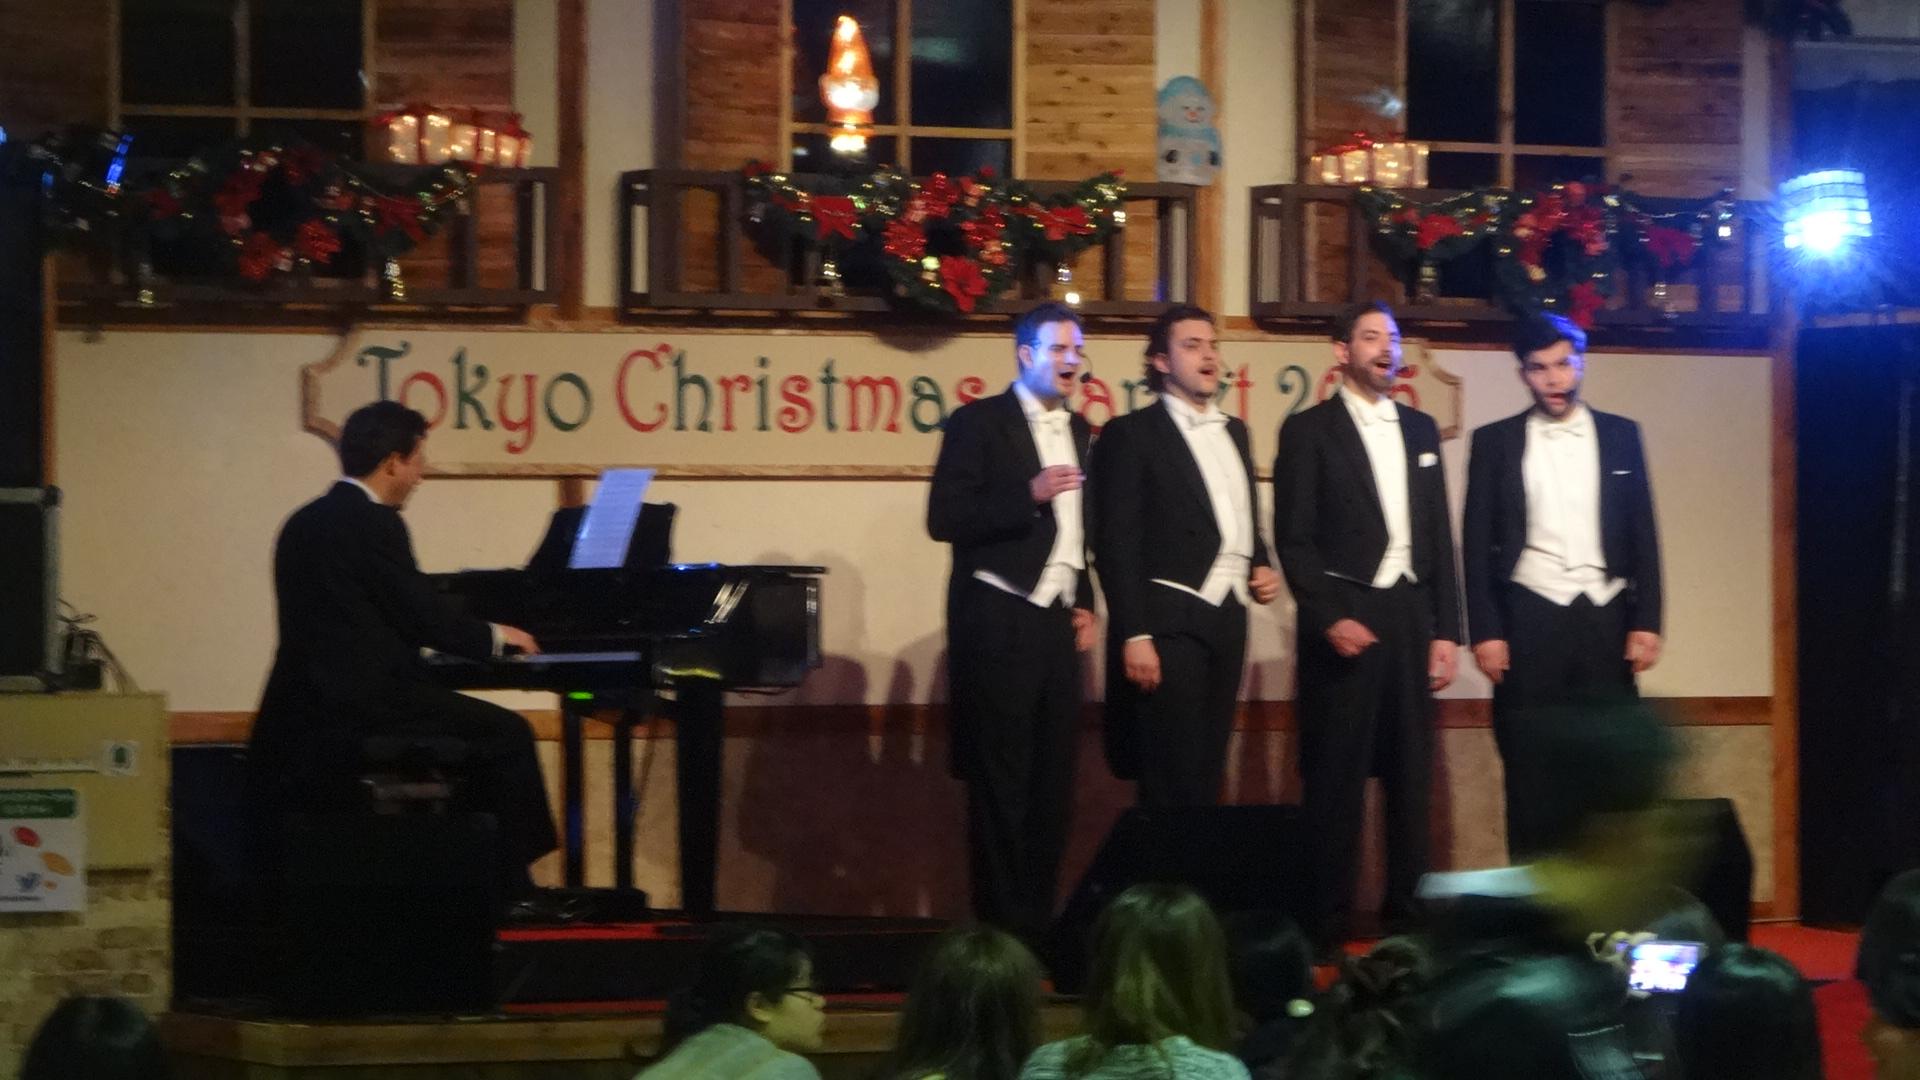 クリスマスソングを歌う男性コーラスグループ